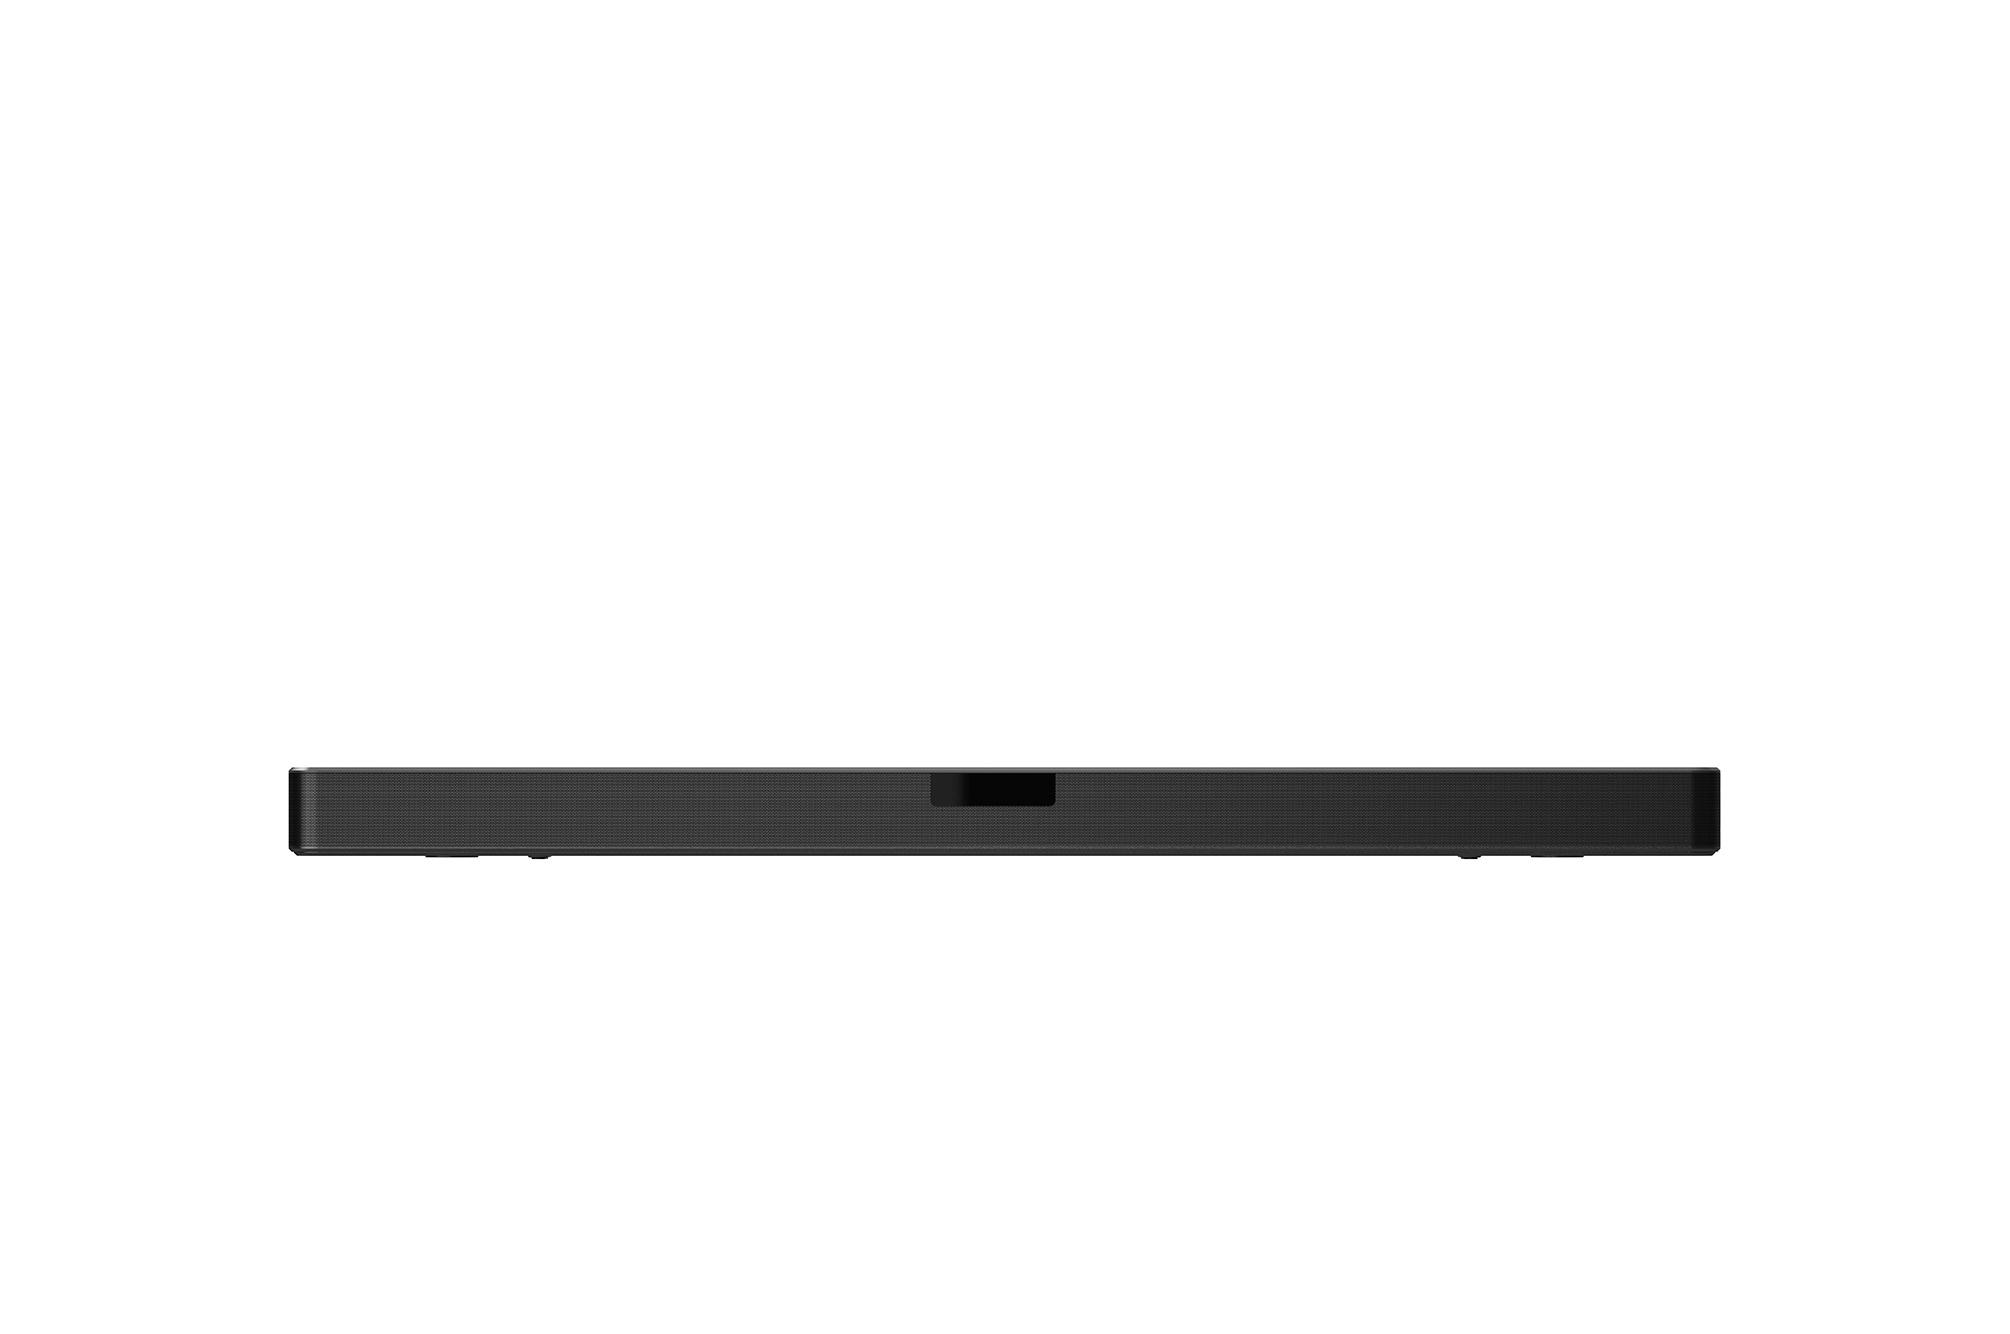 מקרן קול 400 וואט LG SN5Y DTS Virtual X אל ג'י - תמונה 6